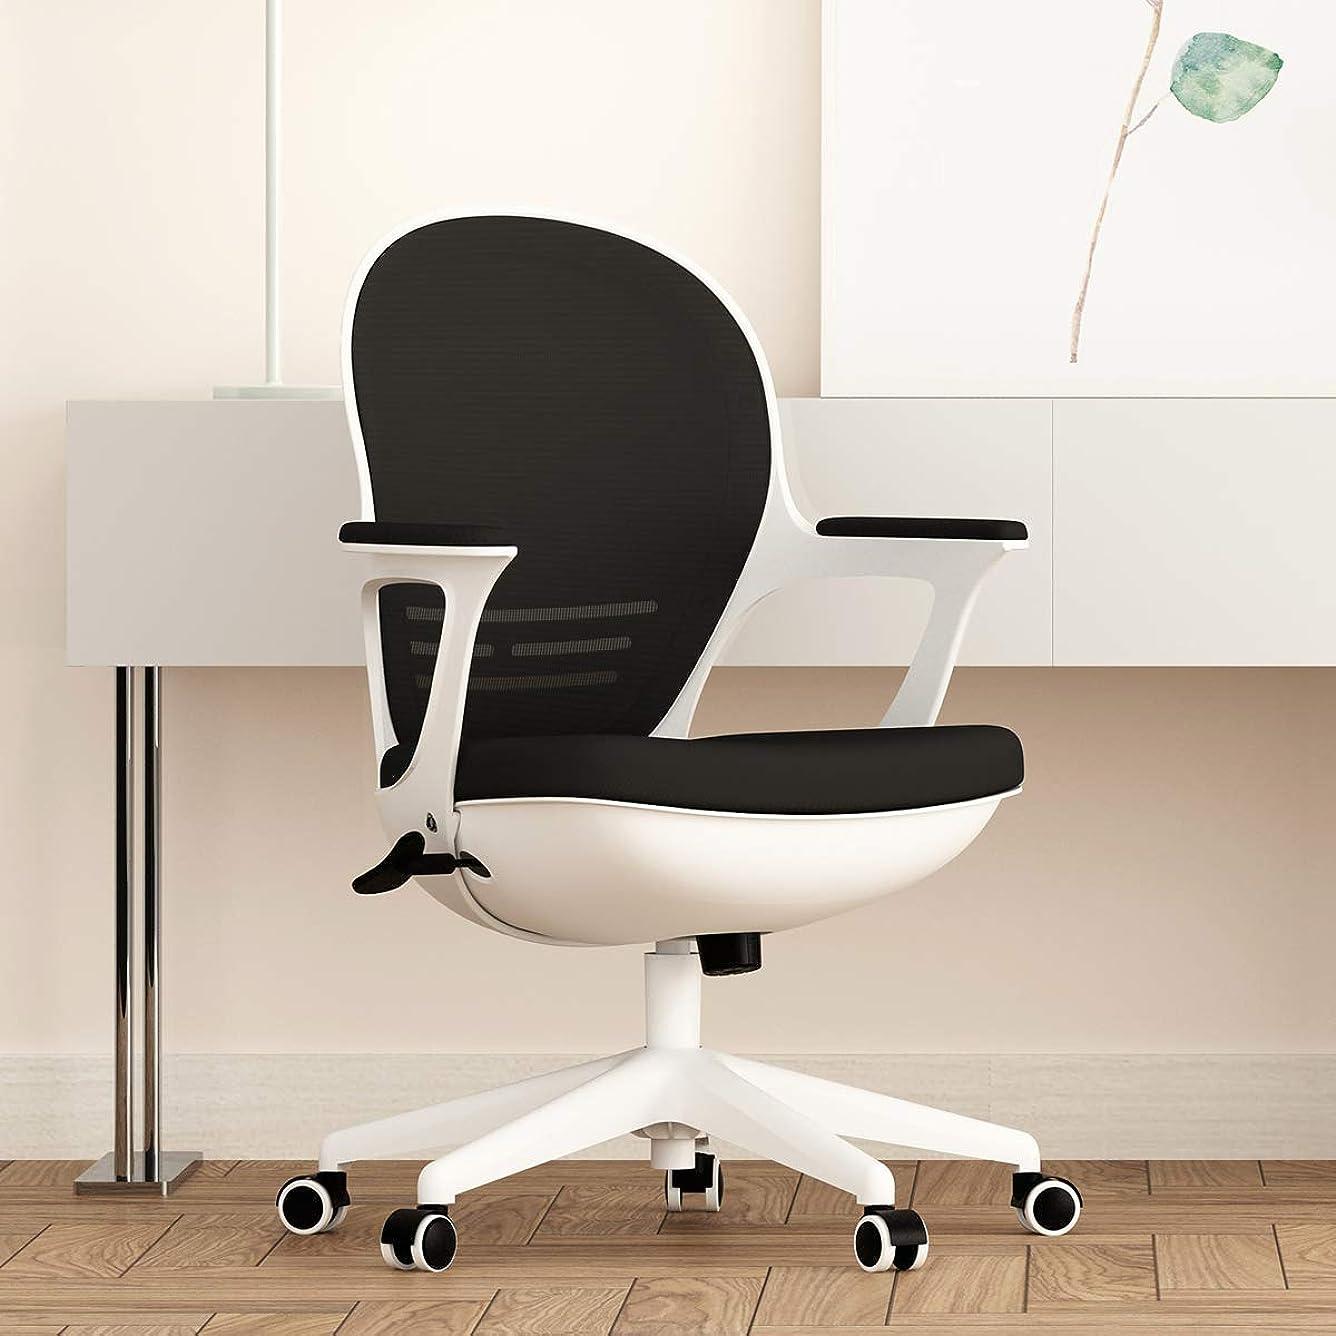 深い入場実際にHbada オフィスチェア デスクチェア 椅子 コンパクト メッシュチェア 組み立てる簡単 約120度ロッキング 肉厚クッション 静音PUキャスター 通気性 360度回転 「一年無償部品交換保証」